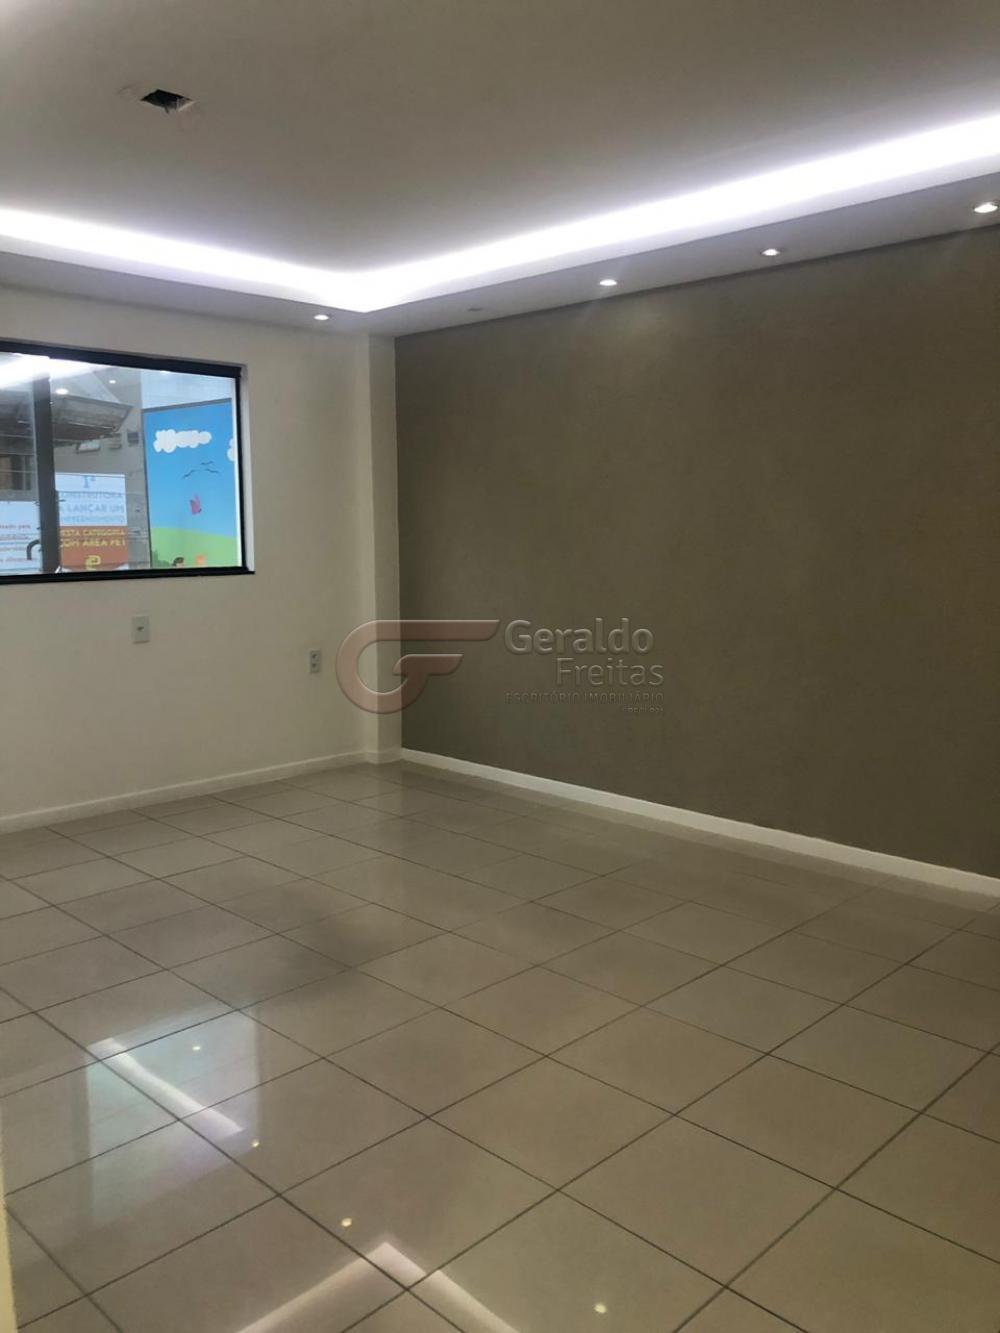 Alugar Comerciais / Prédio em Maceió apenas R$ 20.000,00 - Foto 18